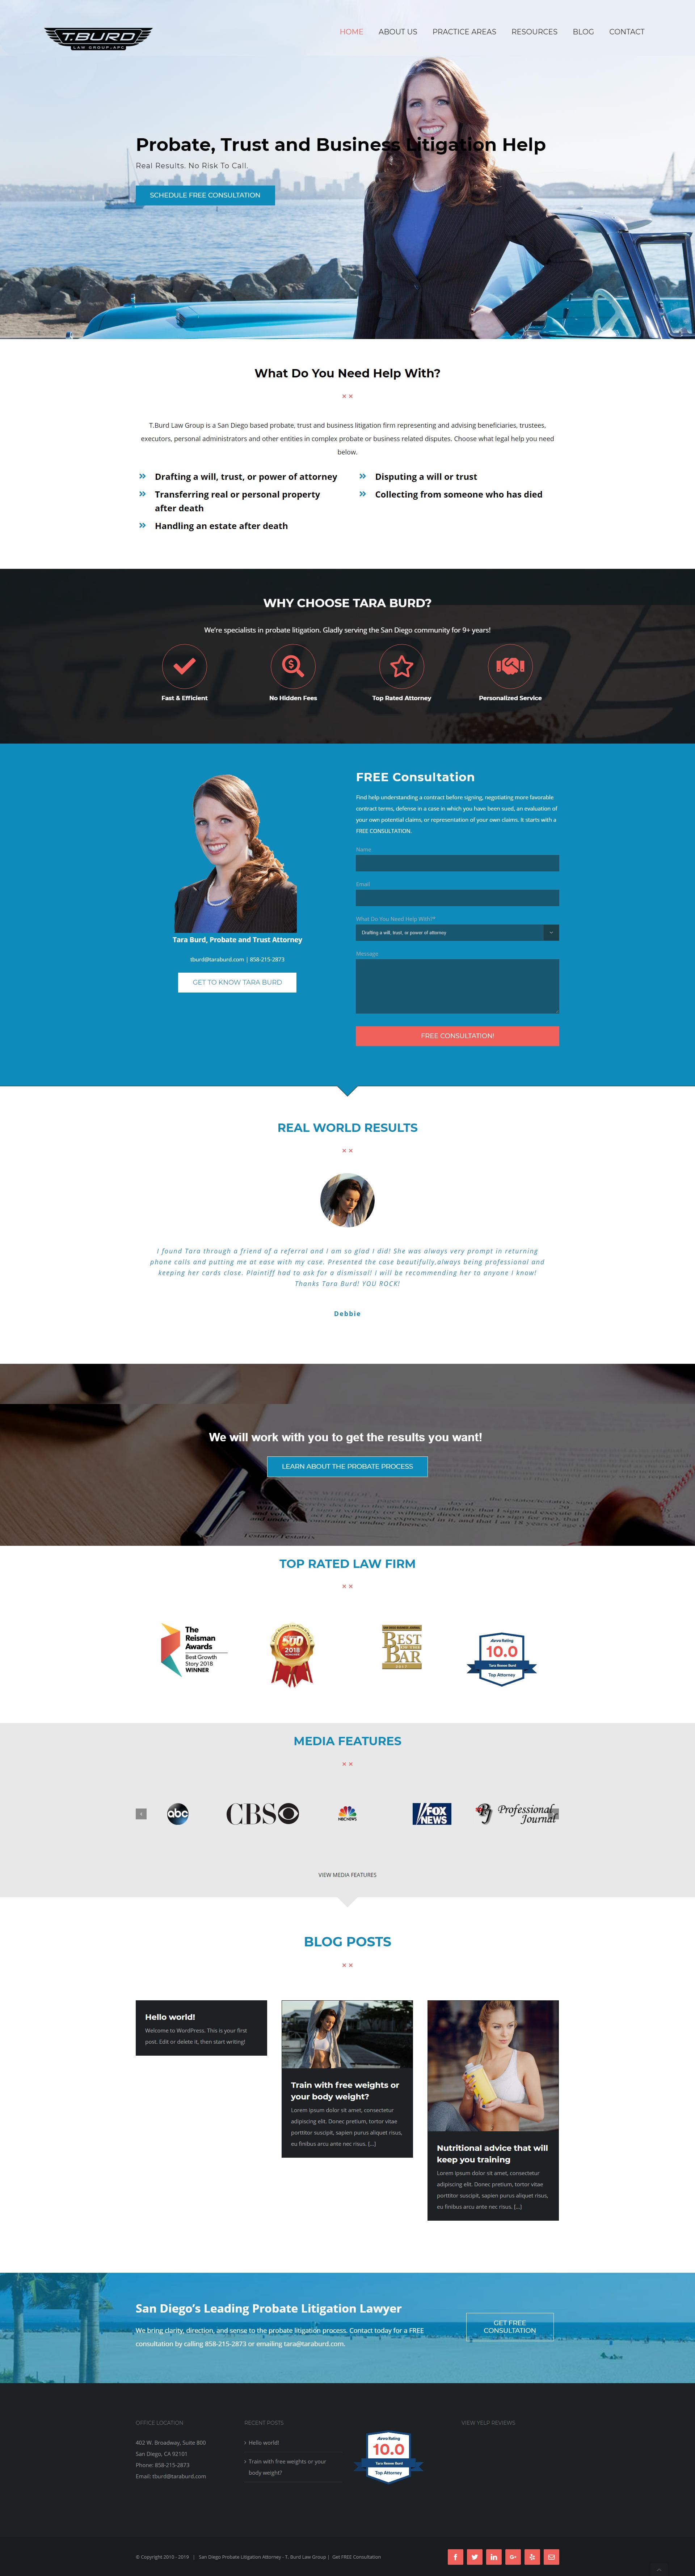 Website Design For San Diego Law Firm T Burd Law Probate Litigation Lawyer Website Design Litigation Lawyer Website Redesign